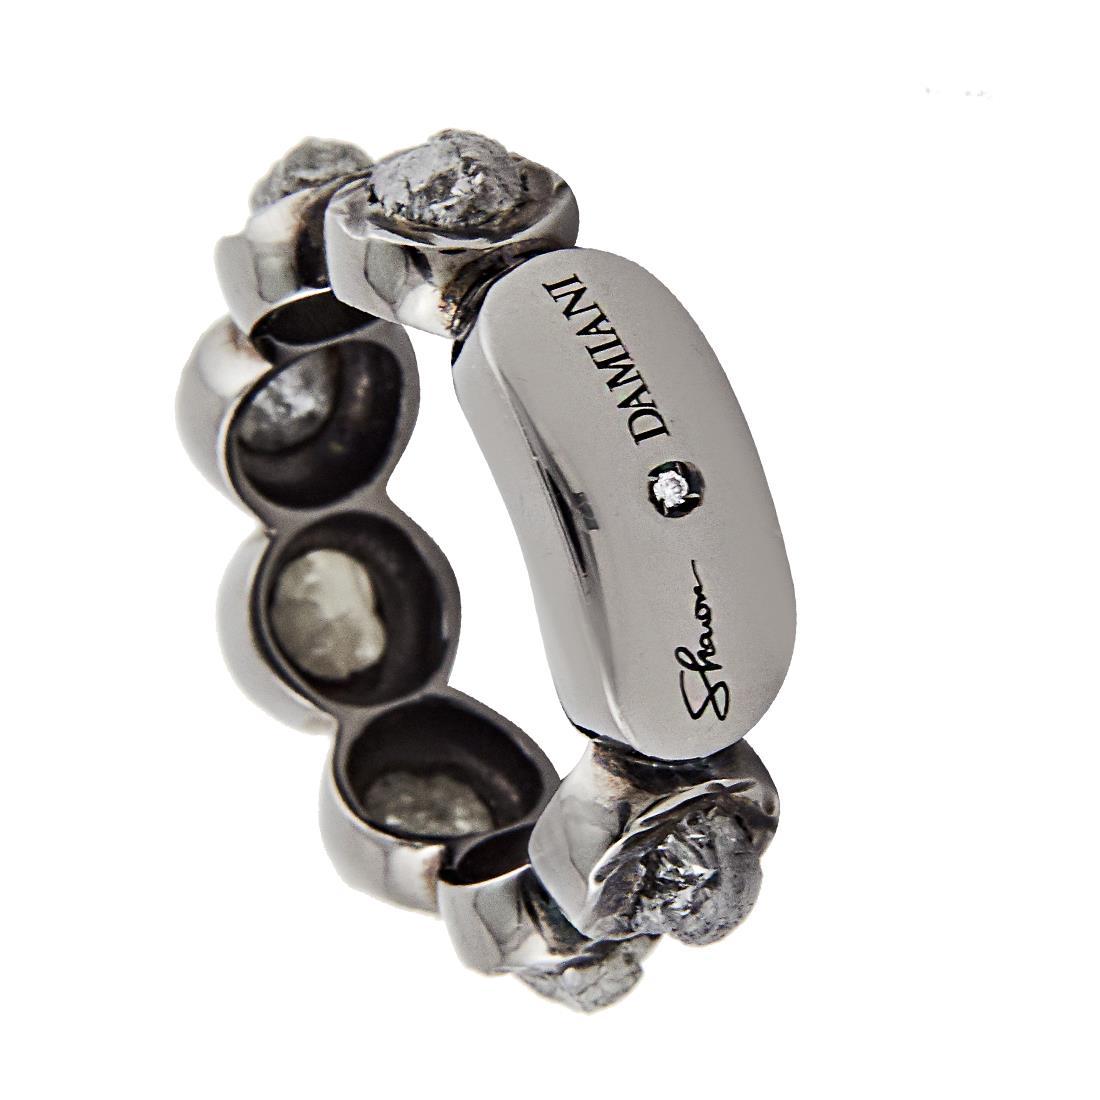 Anello in argento con diamanti grezzi ct 2, misura 15 - DAMIANI